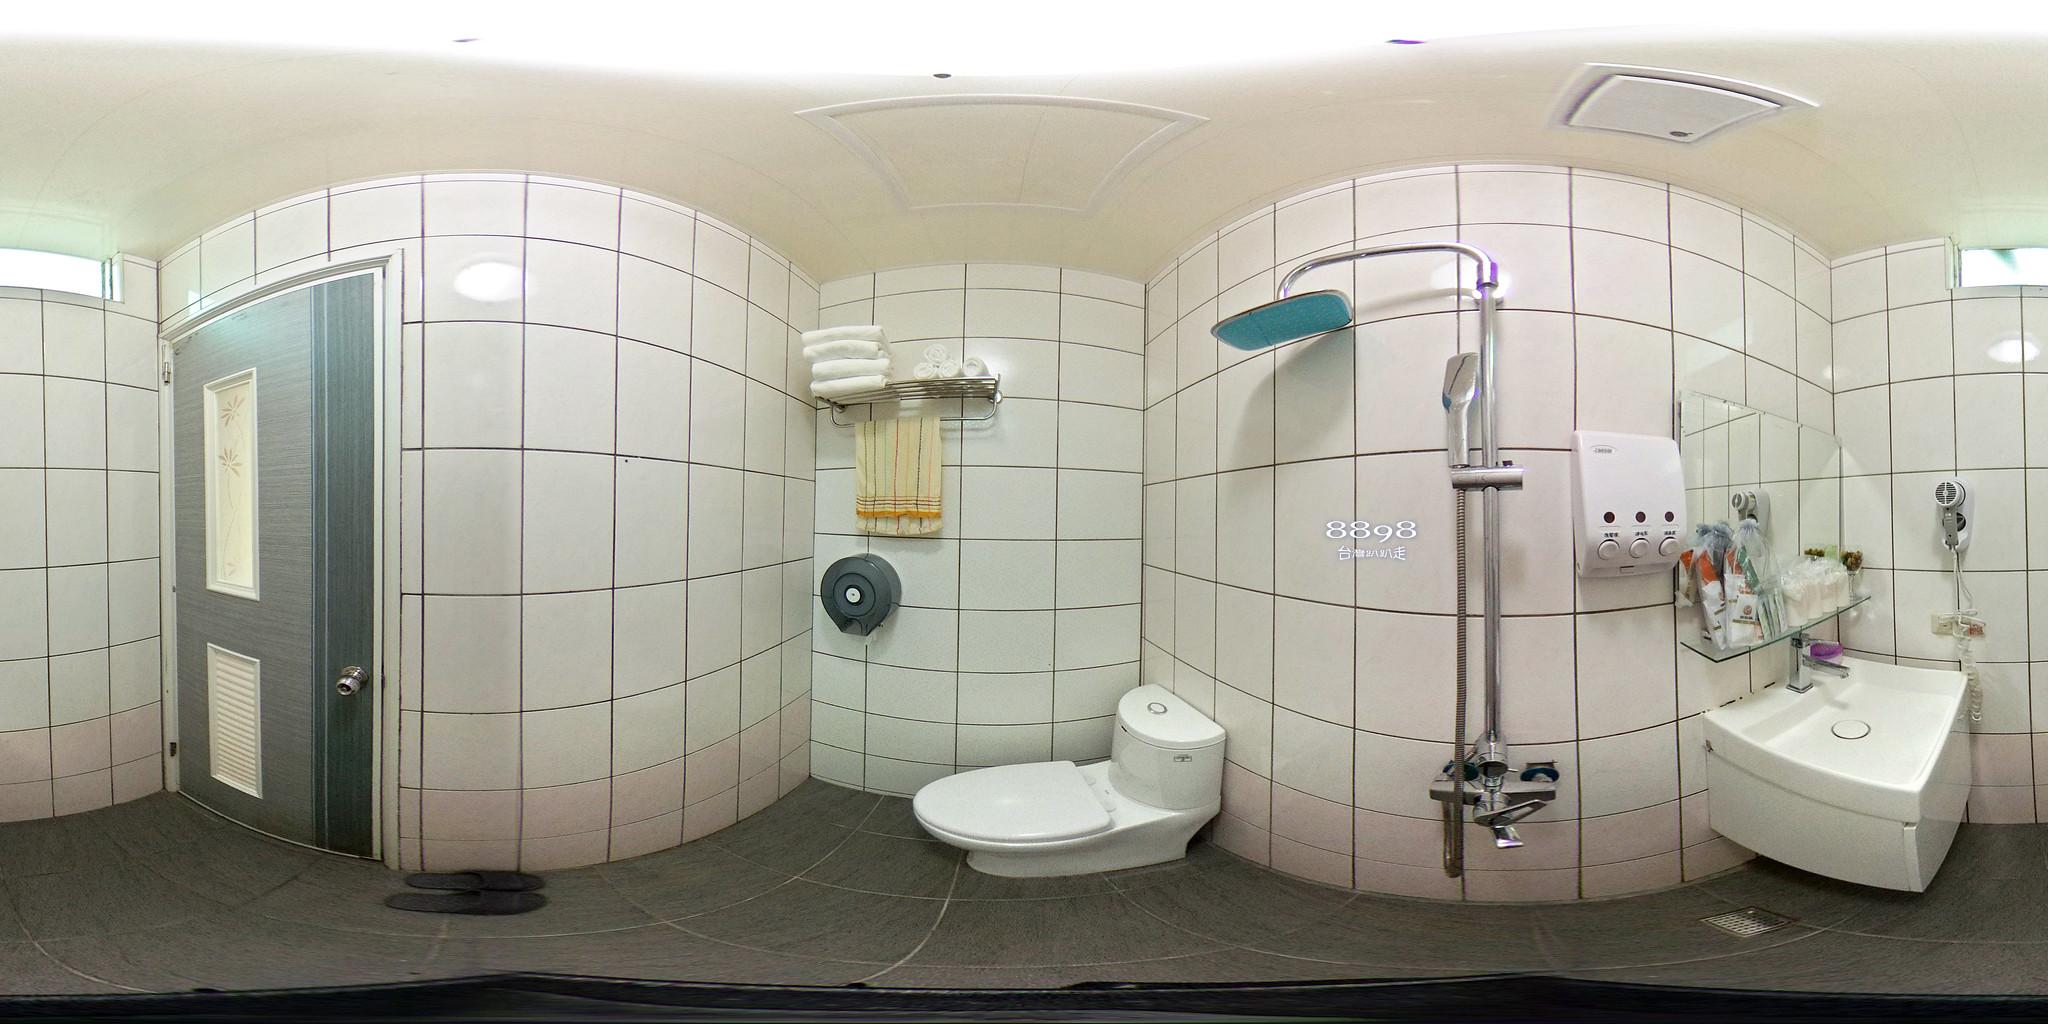 04-三間小窩民宿-衛浴設備